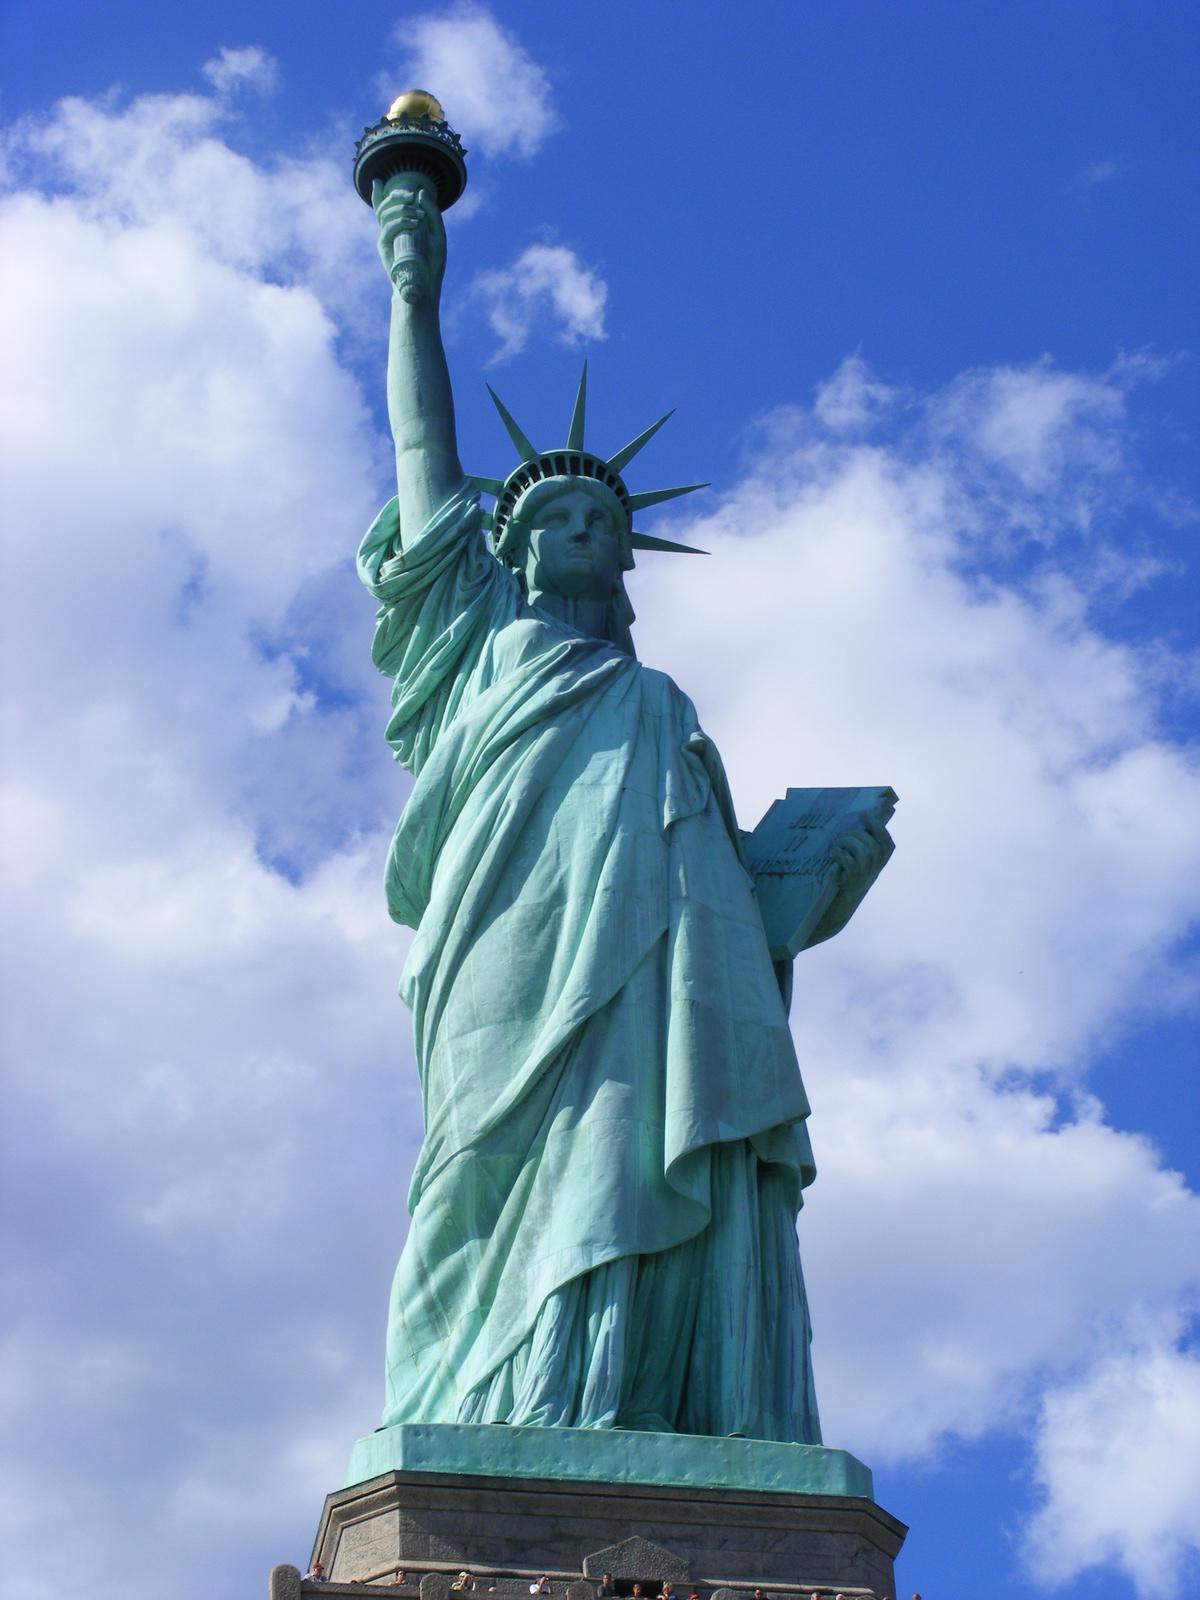 Szabadság szobor (Statue of Liberty), New York City, New ...